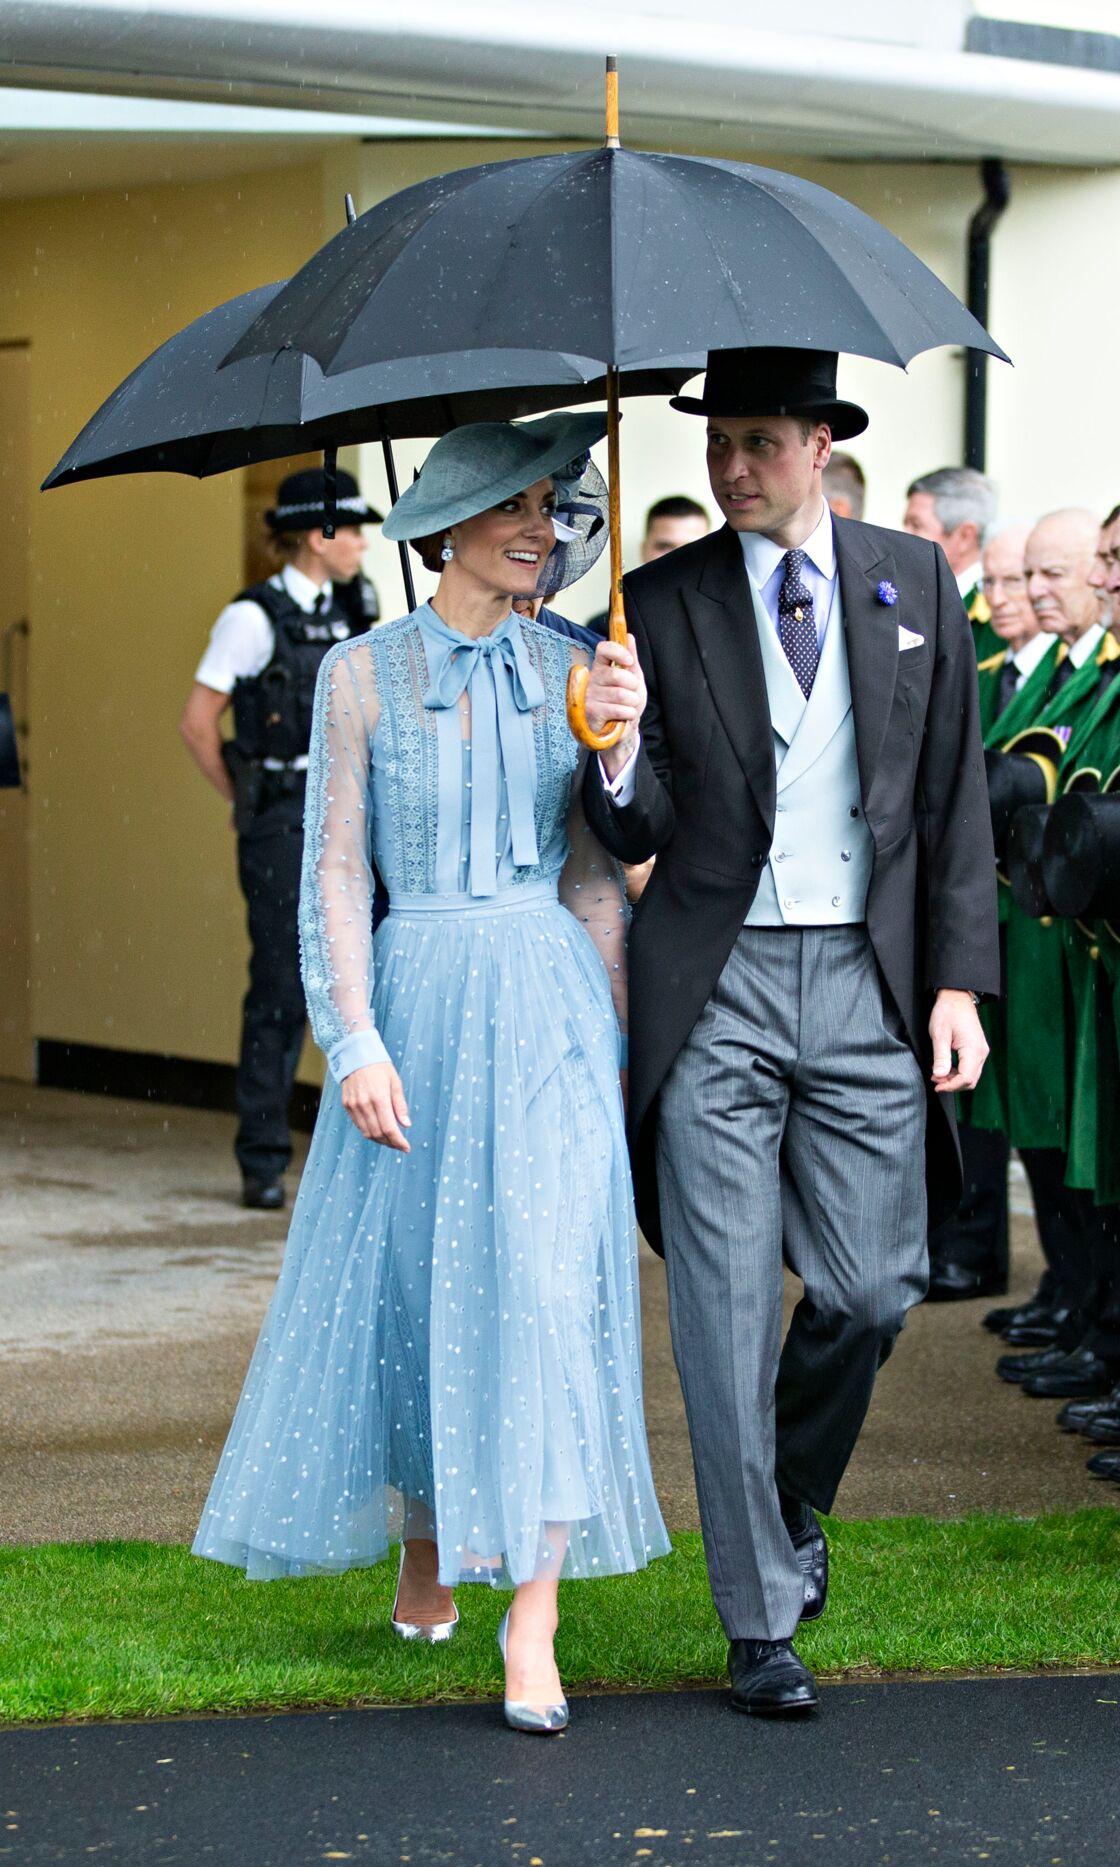 Kate Middleton en robe Elie Saab et chapeau et William en haut de forme et queue-de-pie à Ascot en 2019.